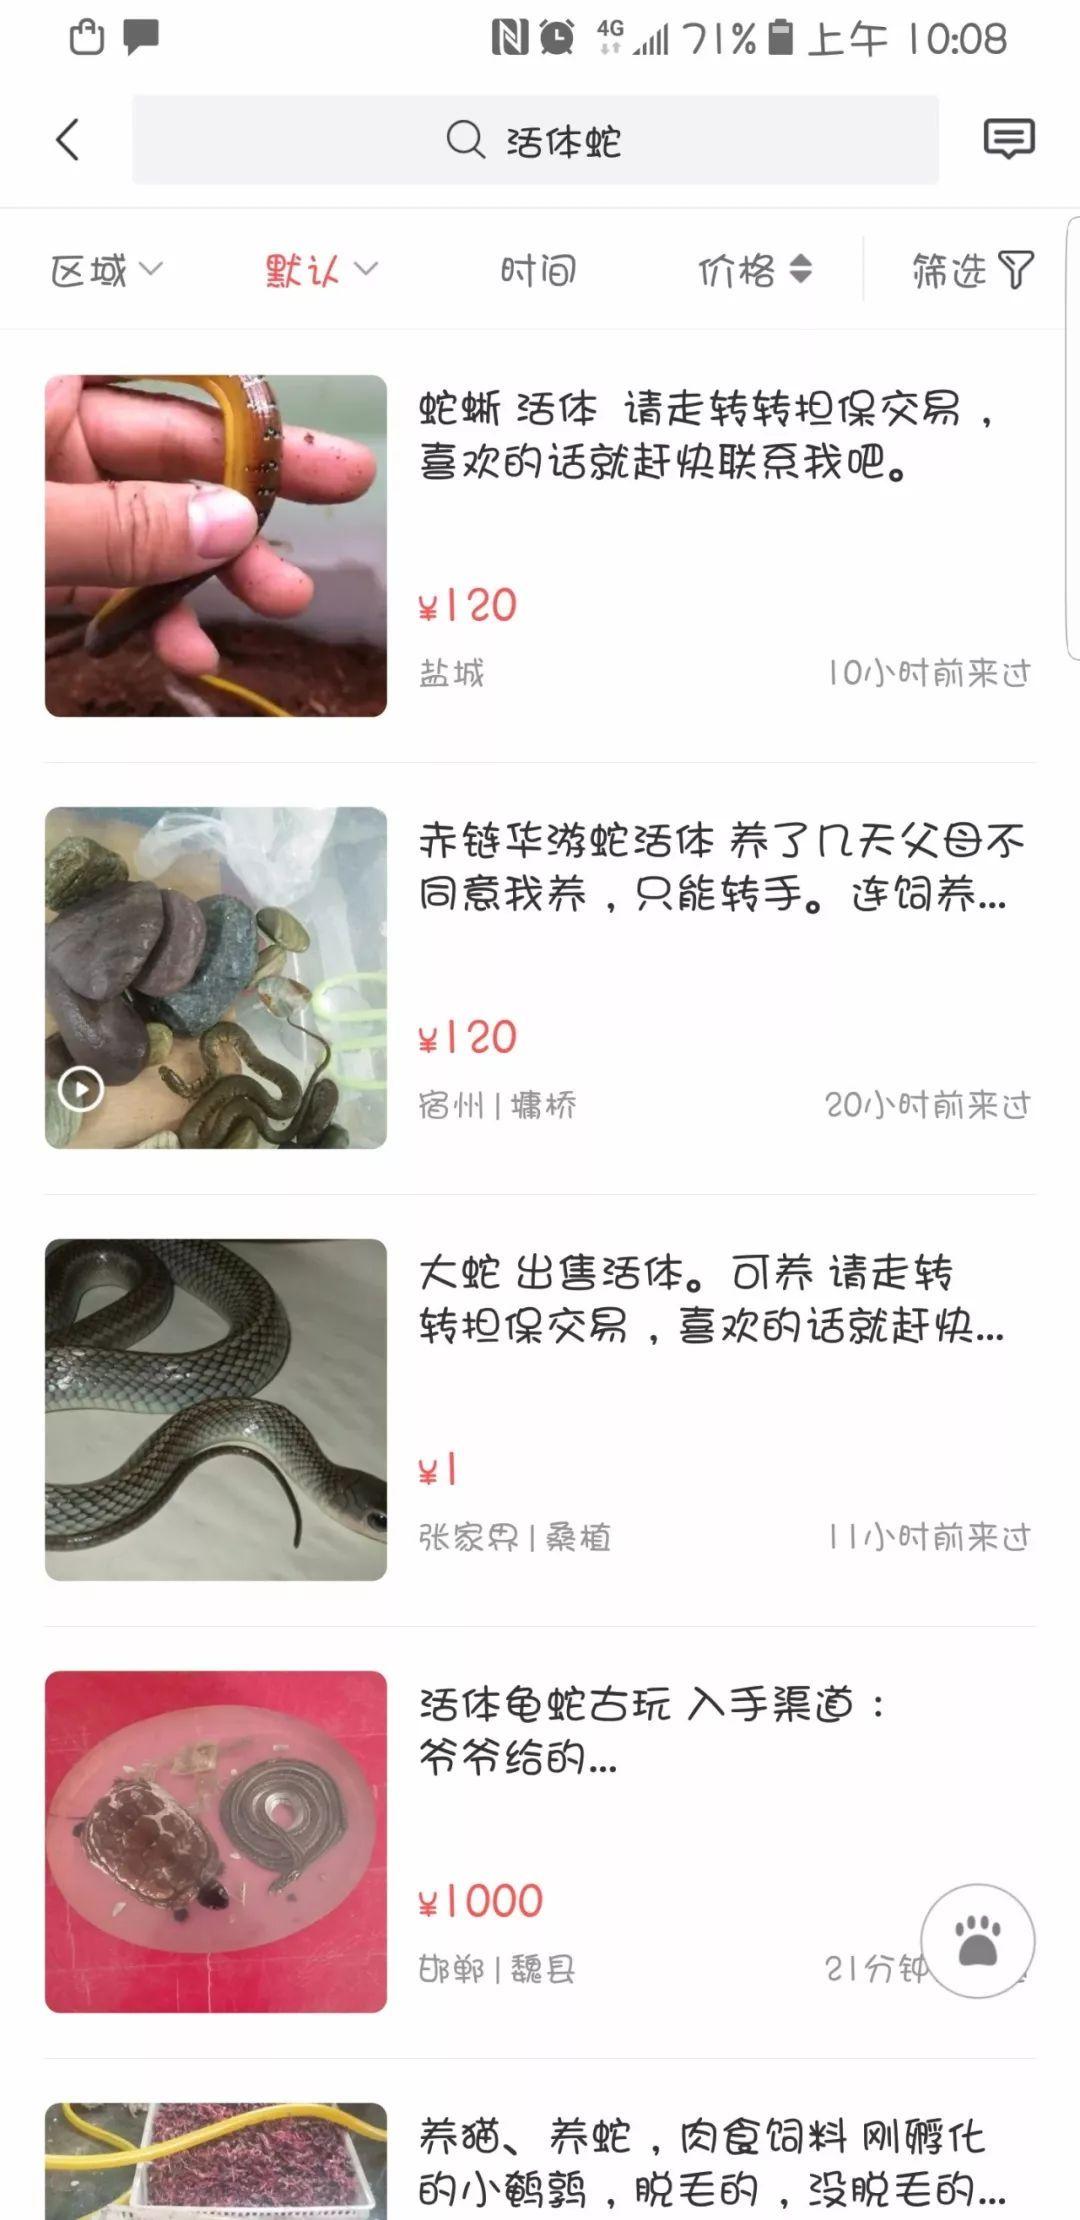 女孩网购蛇被咬身亡,广东卖家否认卖蛇给死者,快递员表示…… | 南都早餐